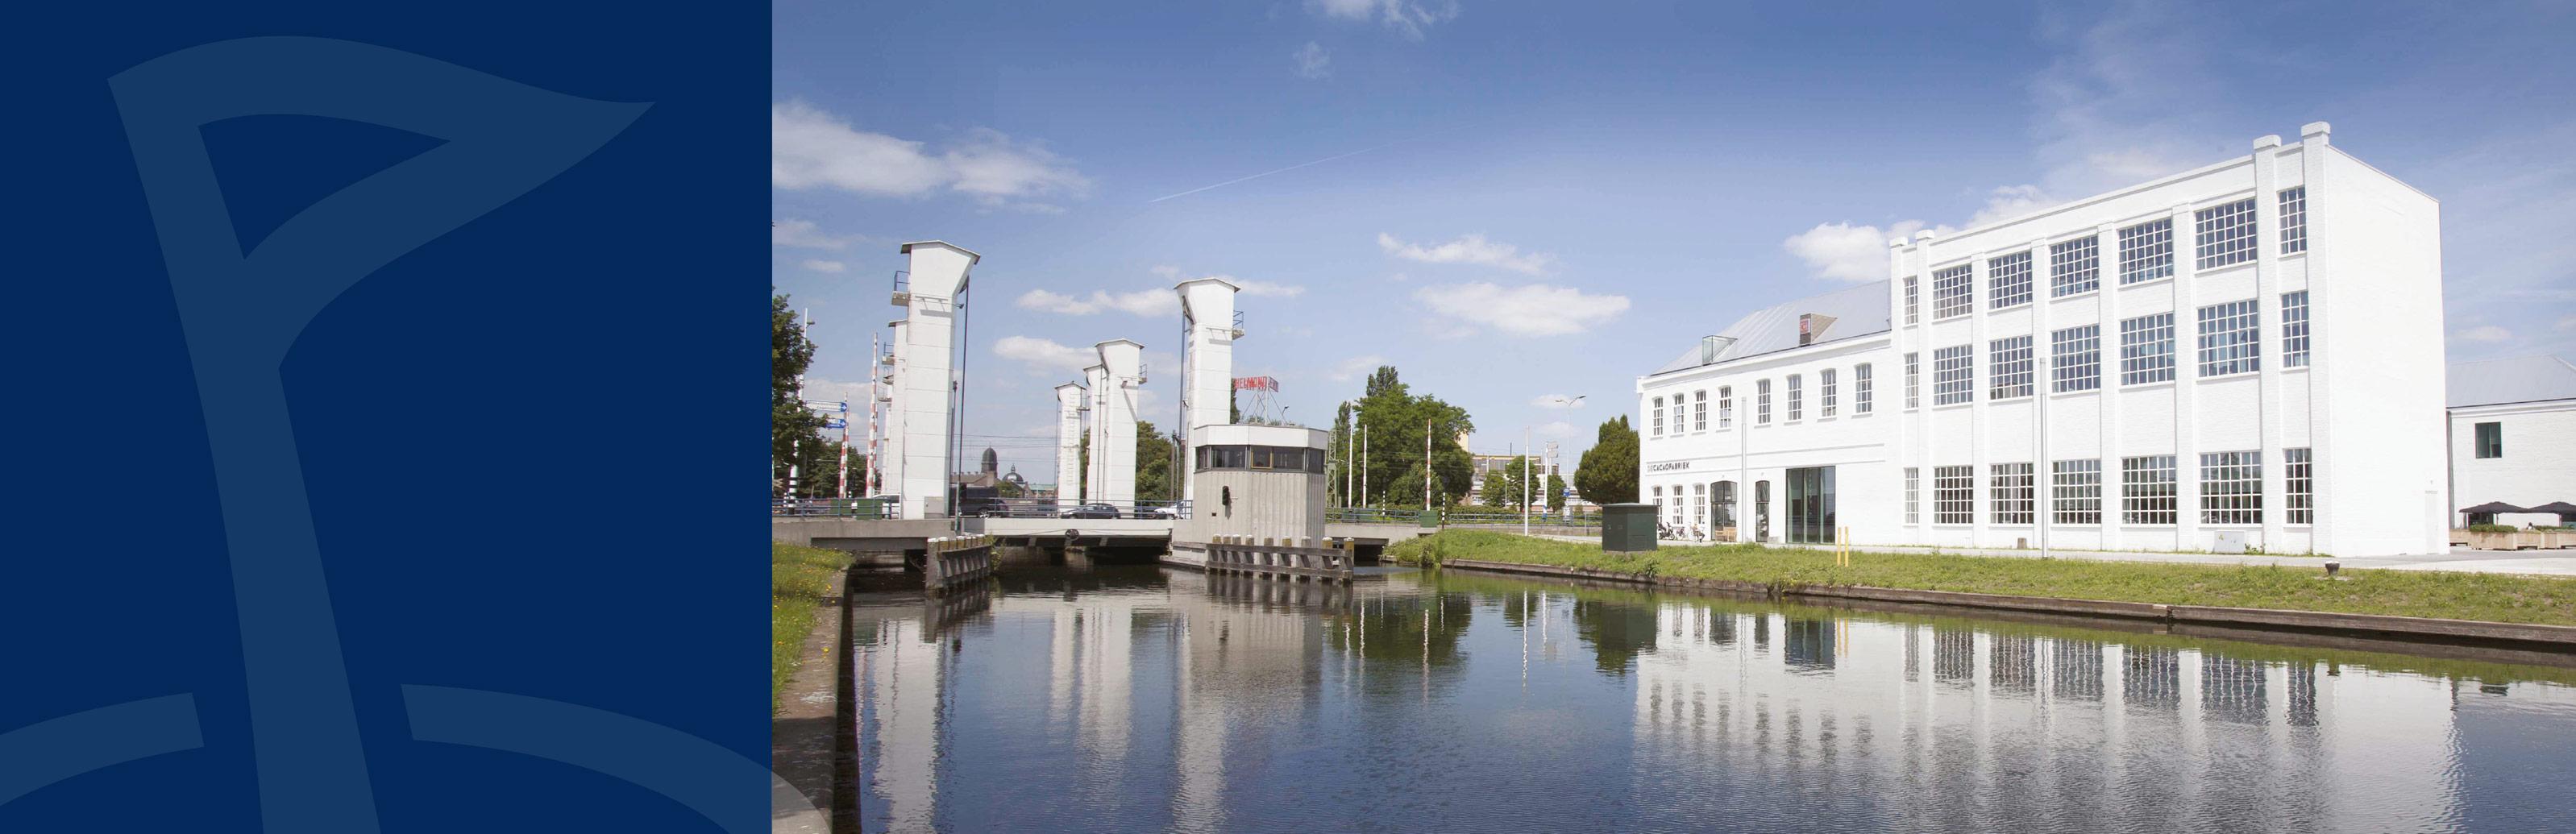 Raadhuis Advies Cacaofabriek Helmond